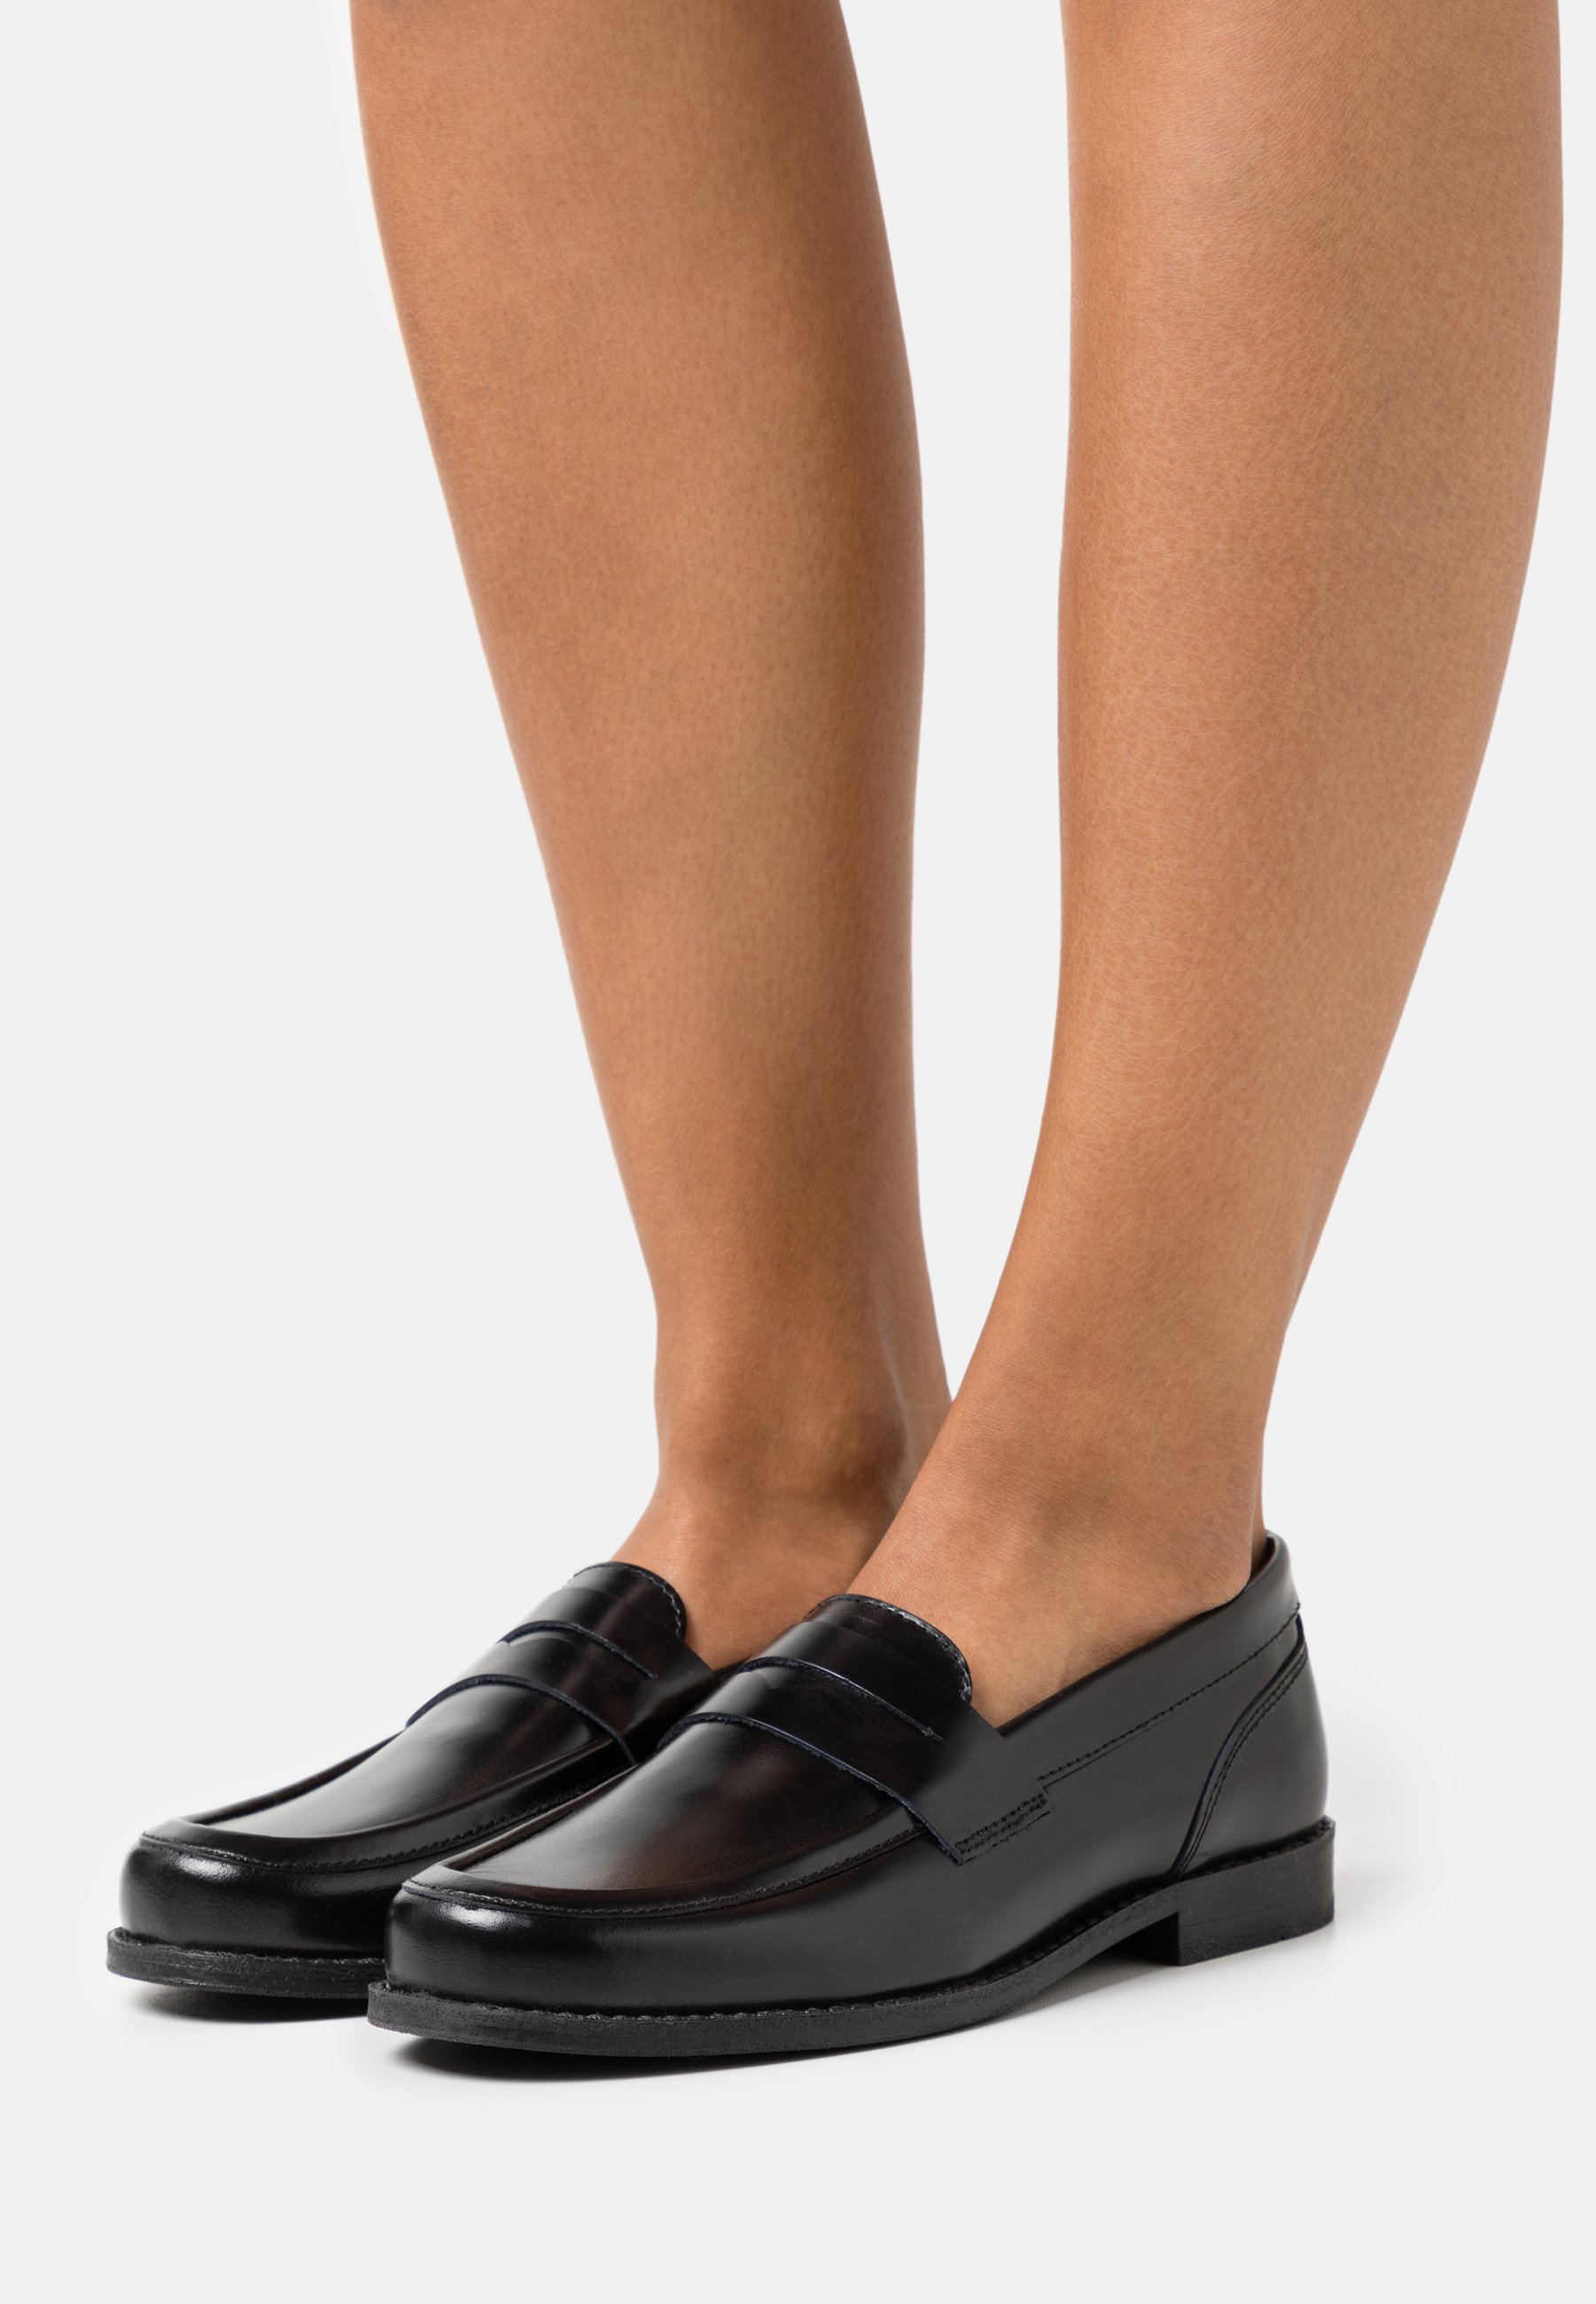 Donna GINZA LOAFER - Scarpe senza lacci